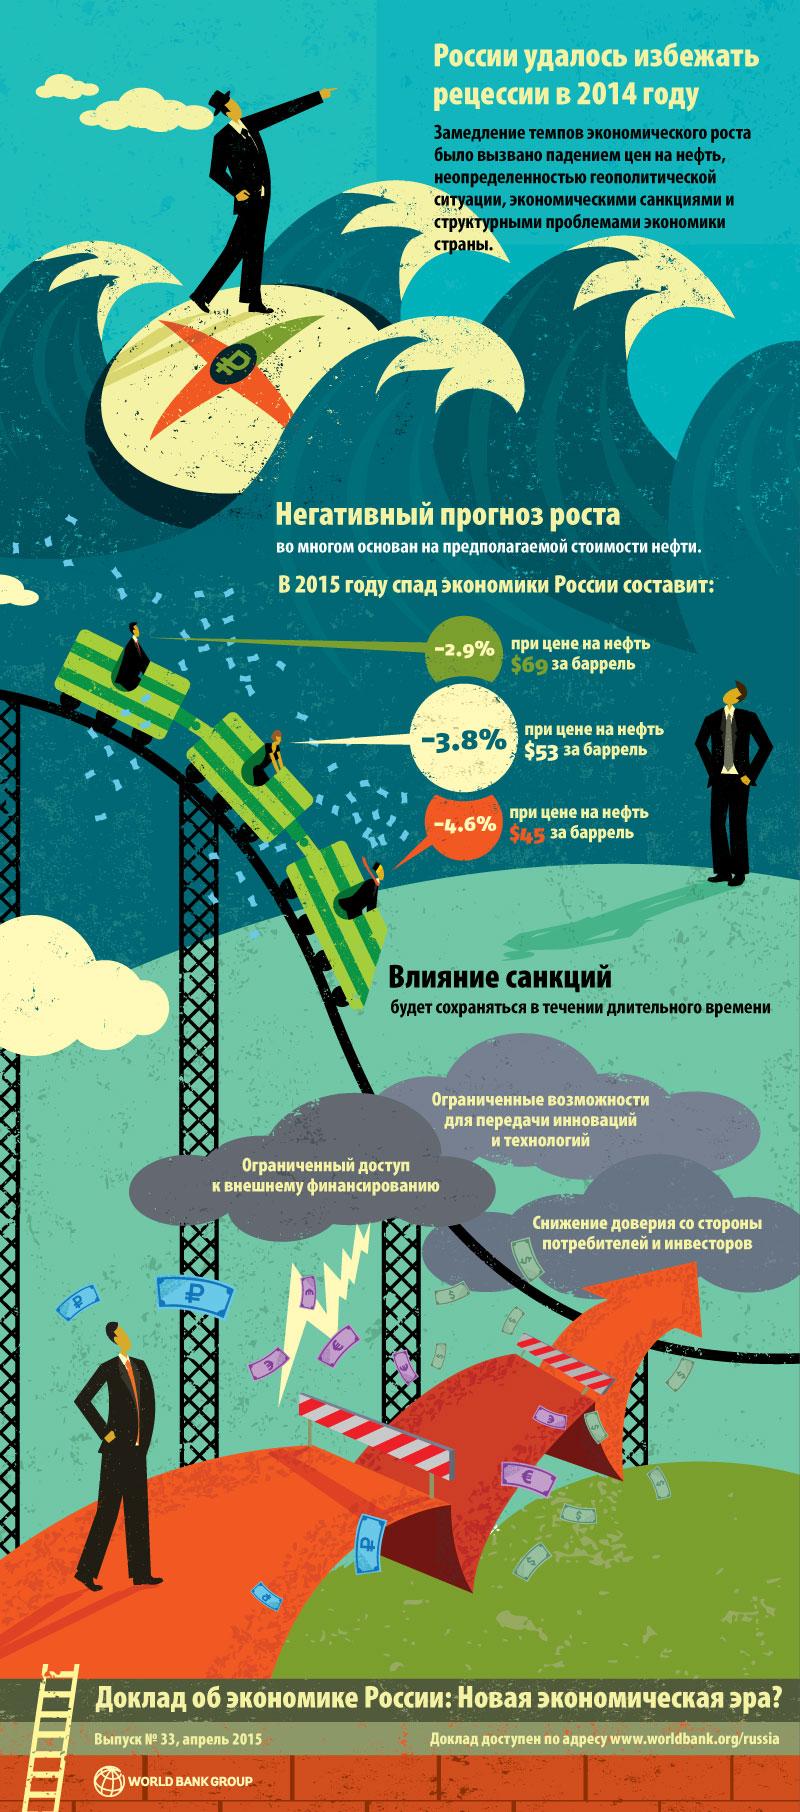 Доклад об экономике России Новая экономическая эра  Загрузить текст доклада в pdf